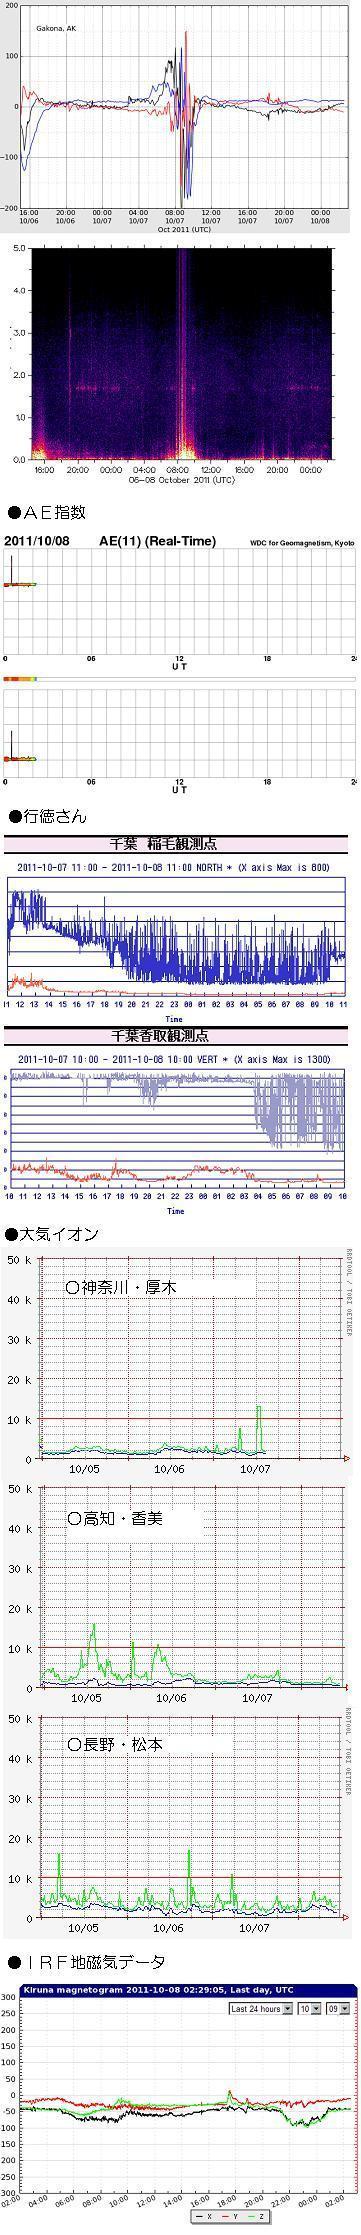 1008-1 データ